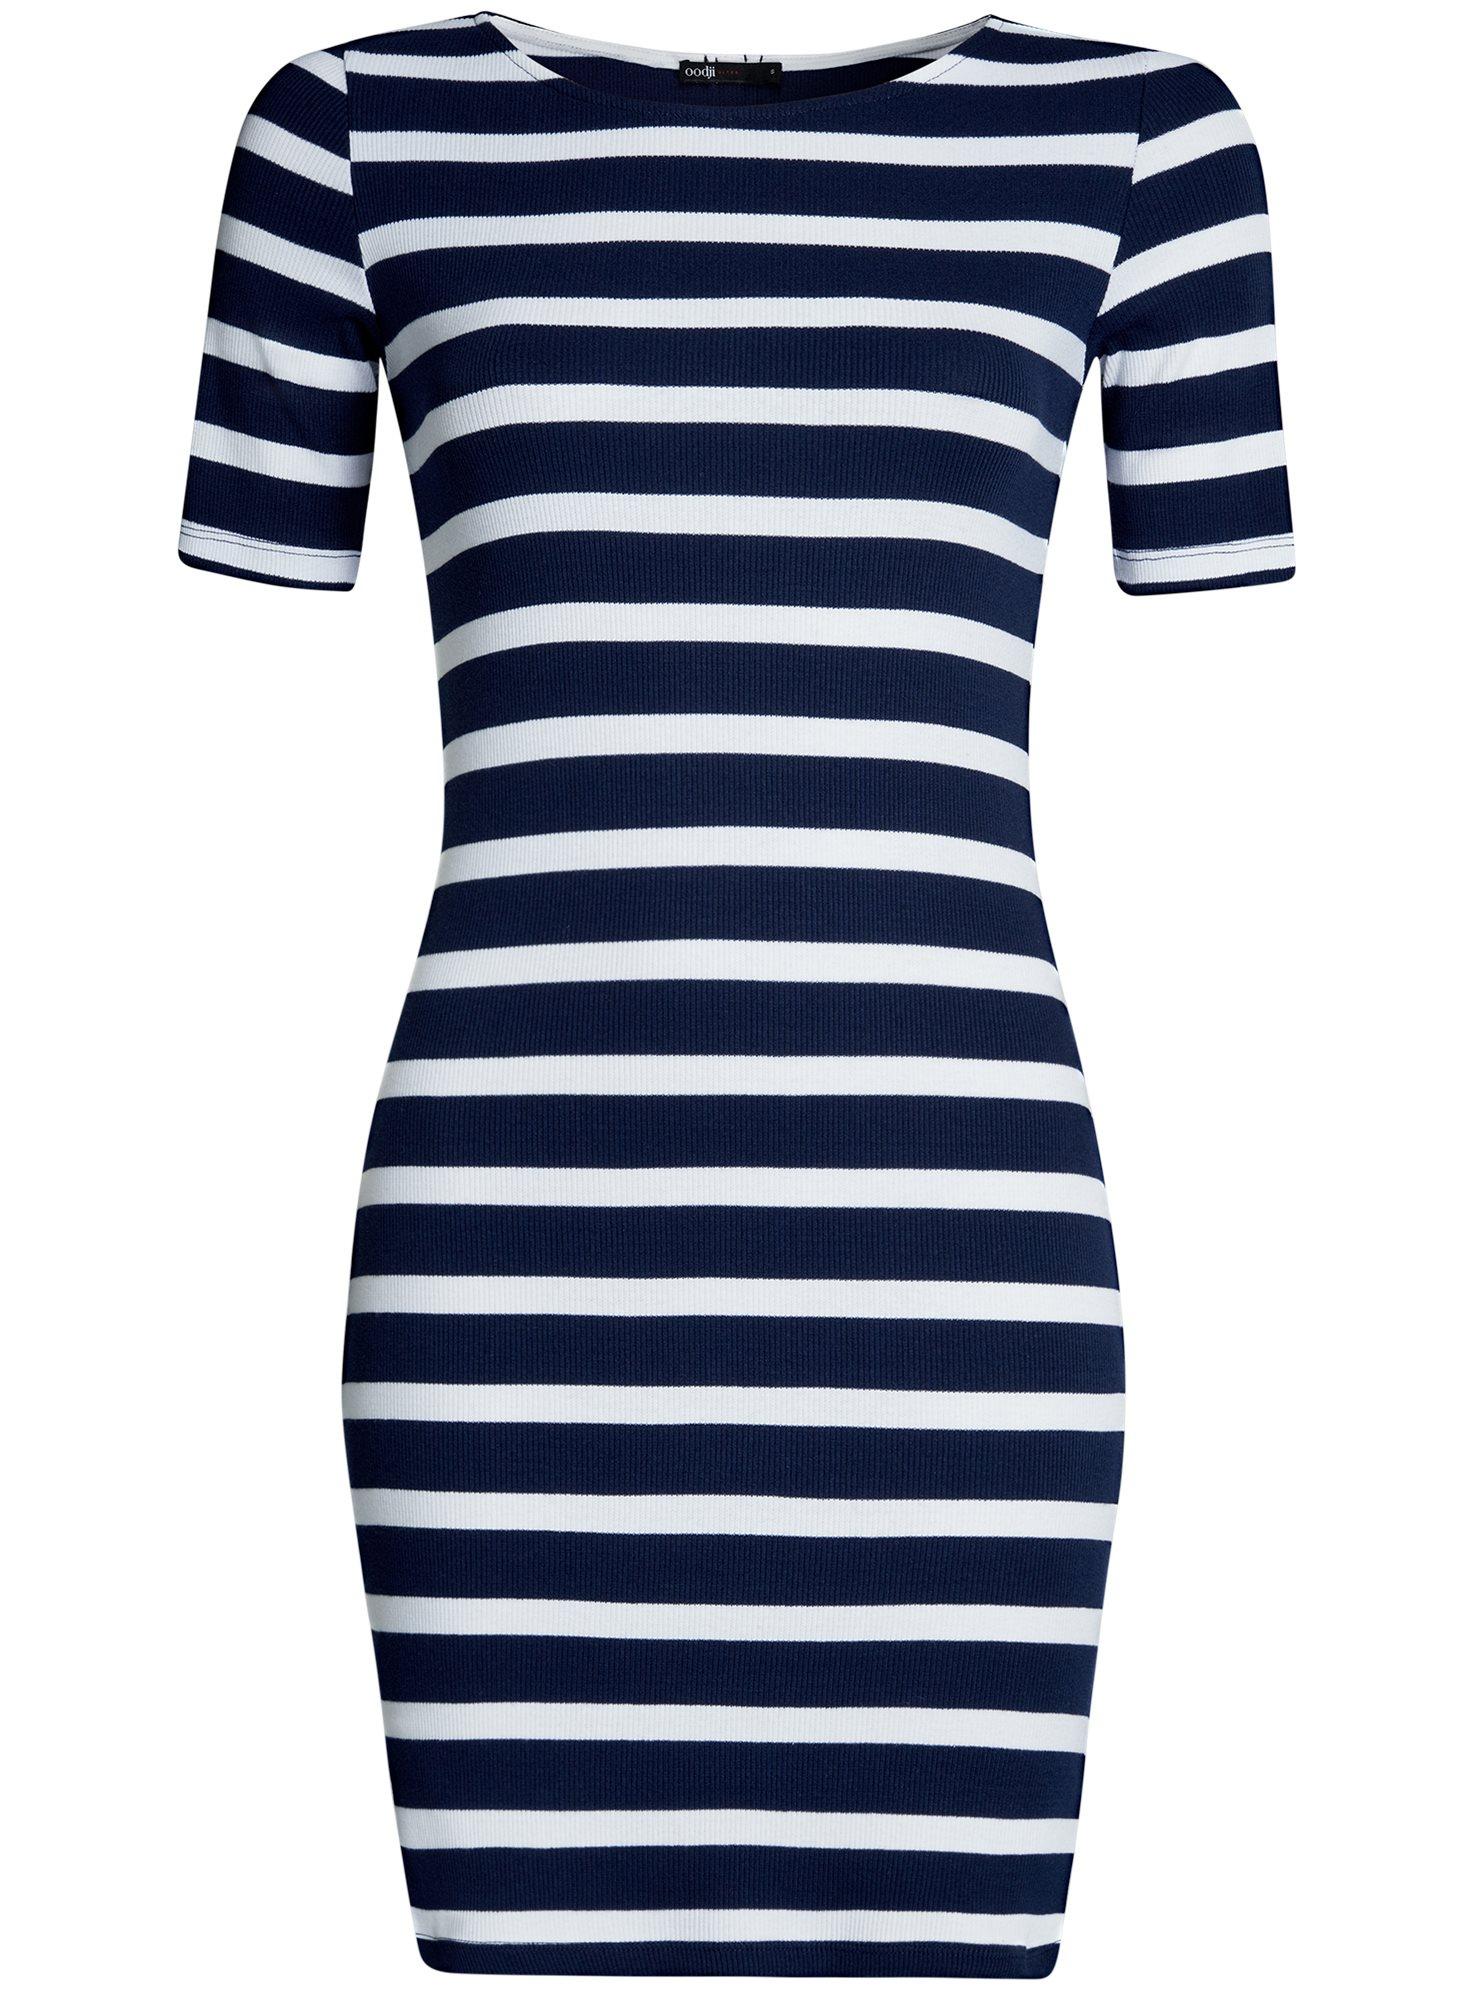 Платье прилегающего силуэта в рубчик oodji для женщины (синий), 14011012/45210/7910S